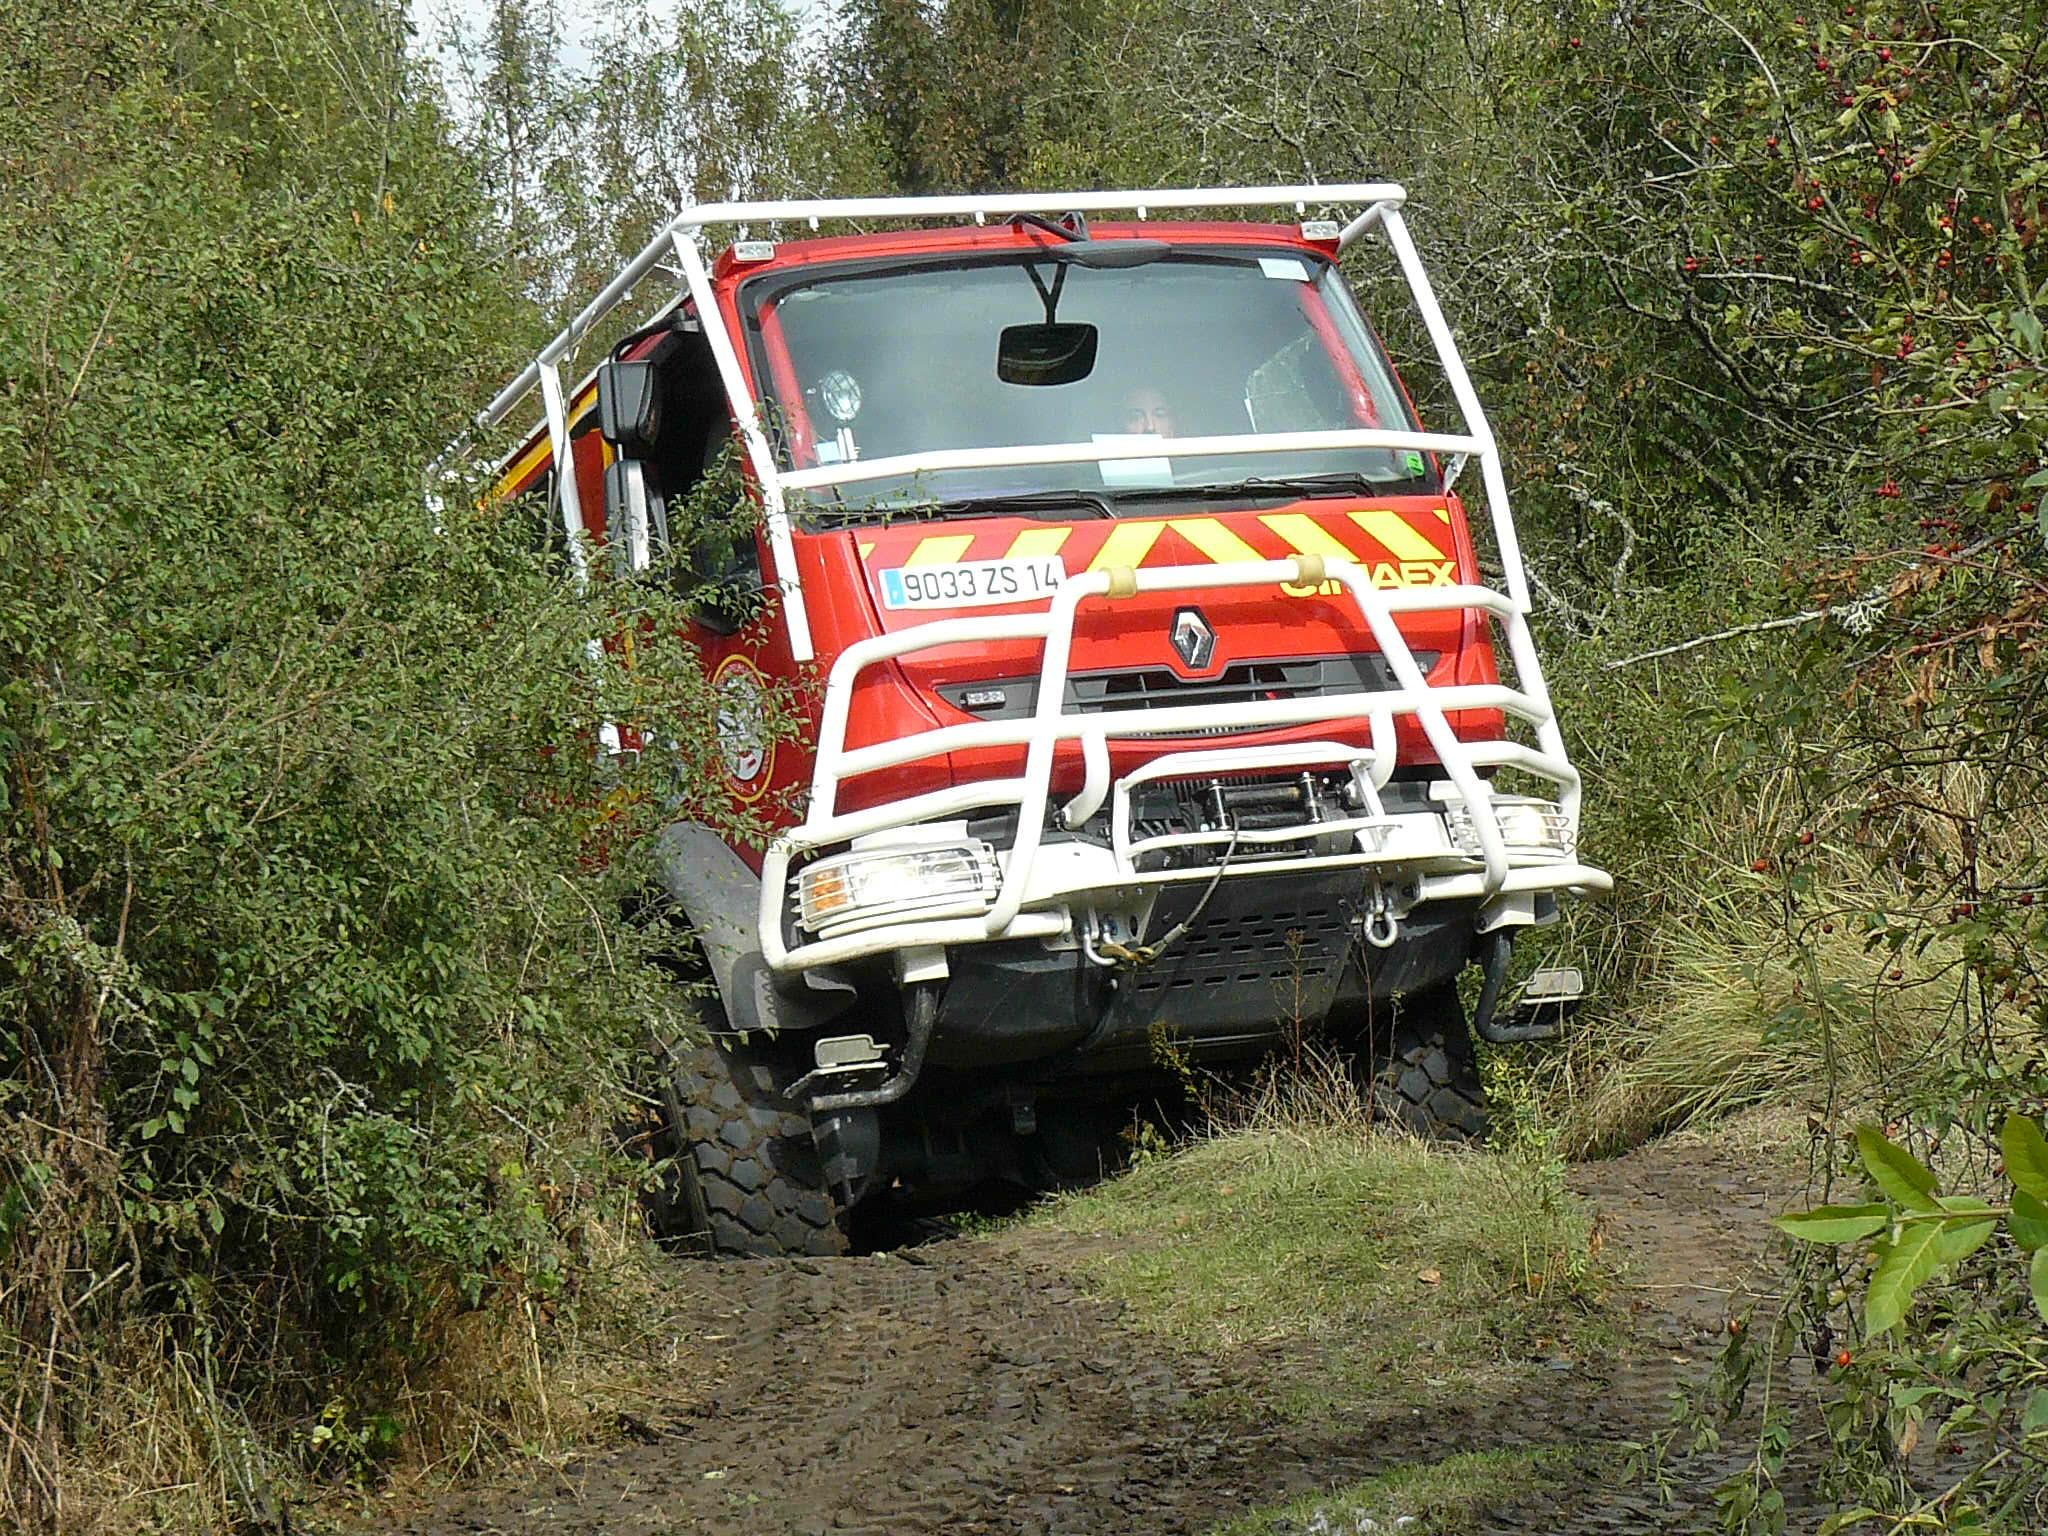 v u00e9hicules des pompiers fran u00e7ais - page 496